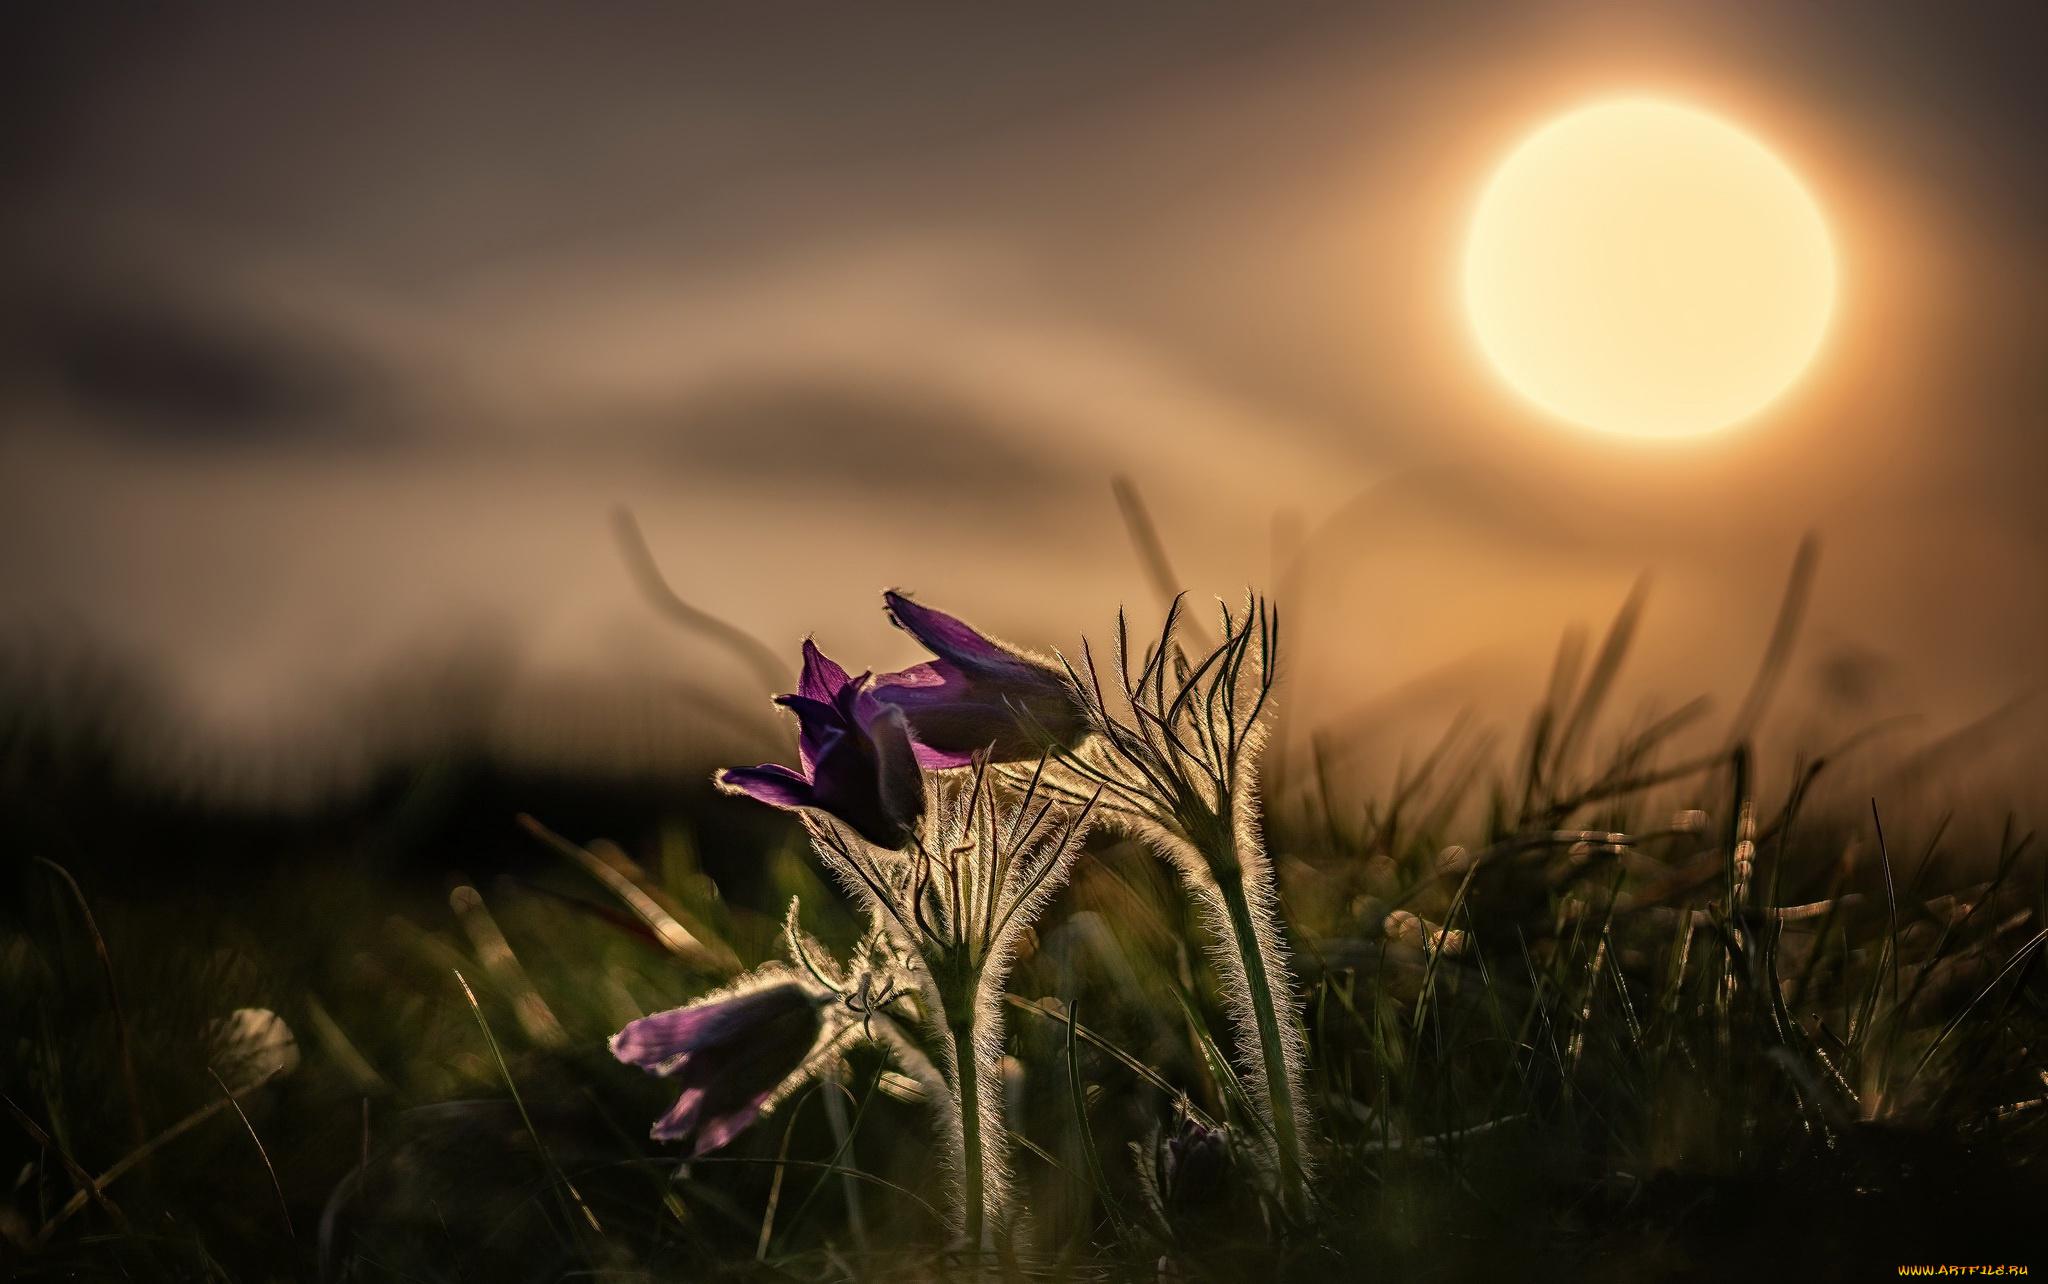 основном красивые картинки весенние цветы в ночи многогранна